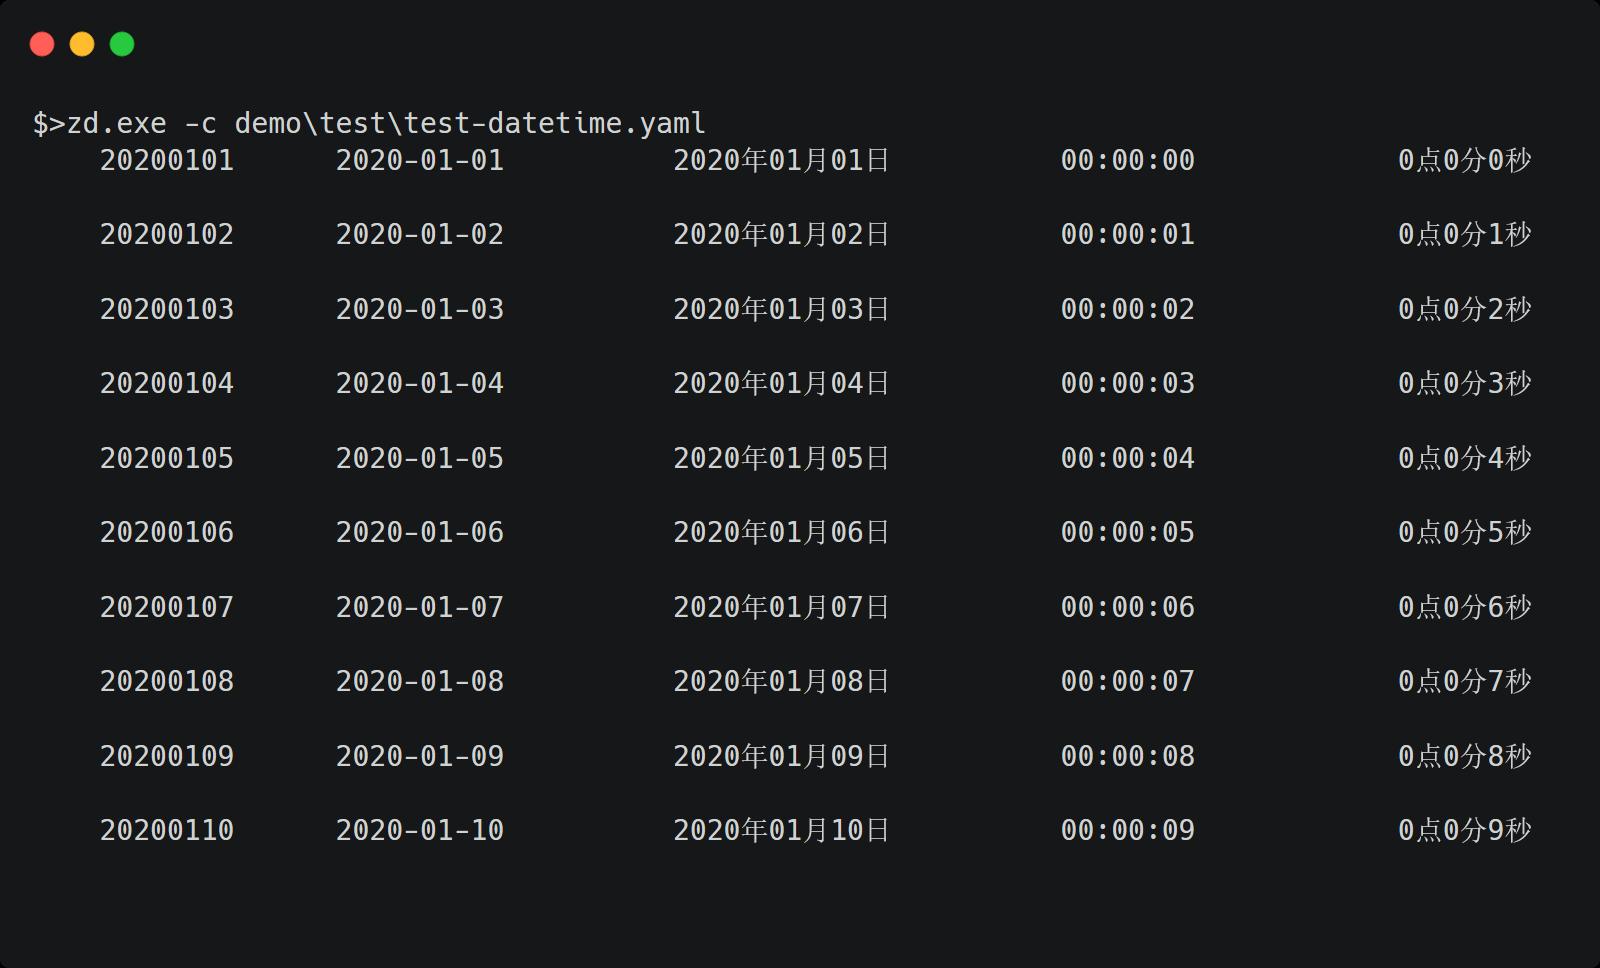 数据生成工具 ZenData 1.4 发布,内置国家、日期、时间格式,支持文章生成